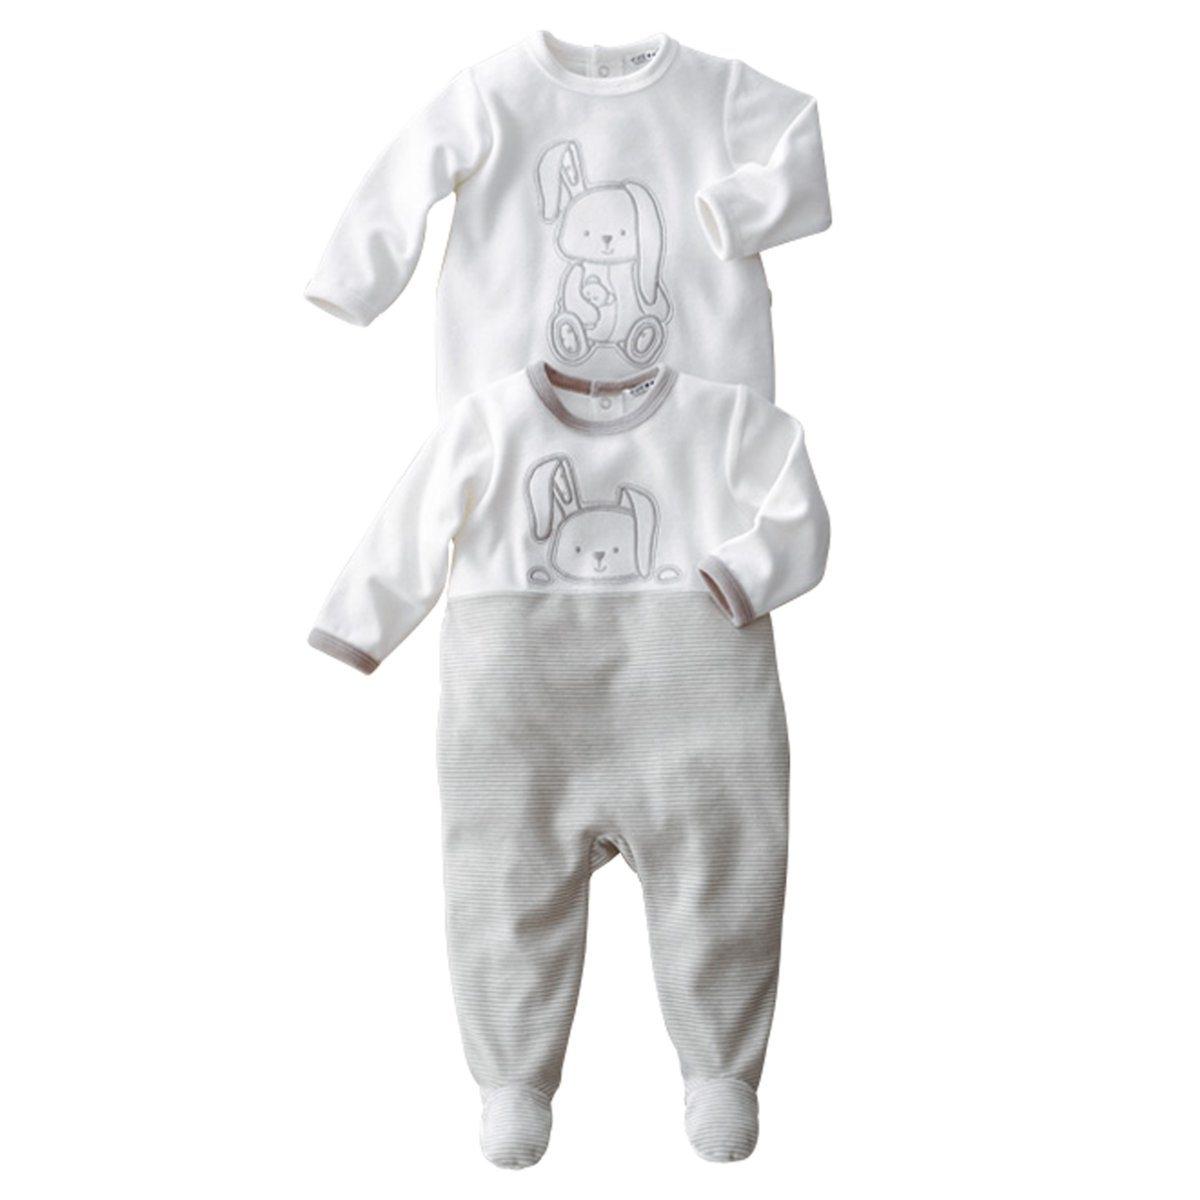 Пижама с носочками, 0 месяцев -3 года (компленкт из 2)Пижама с носочками из очень мягкого и теплого велюра . Вышитая аппликация спереди и сзади. Застжека на кнопки на спине. Покрытие против скольжения на ступнях начиная от 74 см (1 год), эластичные вставки сзади для лучшей поддержки.Знак марки отпечатан с внутренней стороны и не напечатан на пришитой этикетке сзади, чтобы не вызвать раздражение или зуд на коже ребенка .Состав и описание : Материал: велюр, 75% хлопка, 25% полиэстера.Уход: :Машинная стирка при 30 °C на умеренном режиме с вещами схожих цветов.Стирать, сушить и гладить с изнаночной стороны.Машинная сушка в умеренном режиме.Гладить на низкой температуре.<br><br>Цвет: белый<br>Размер: 9 мес. - 71 см.1 год - 74 см.18 мес. - 81 см.2 года - 86 см.3 года - 94 см